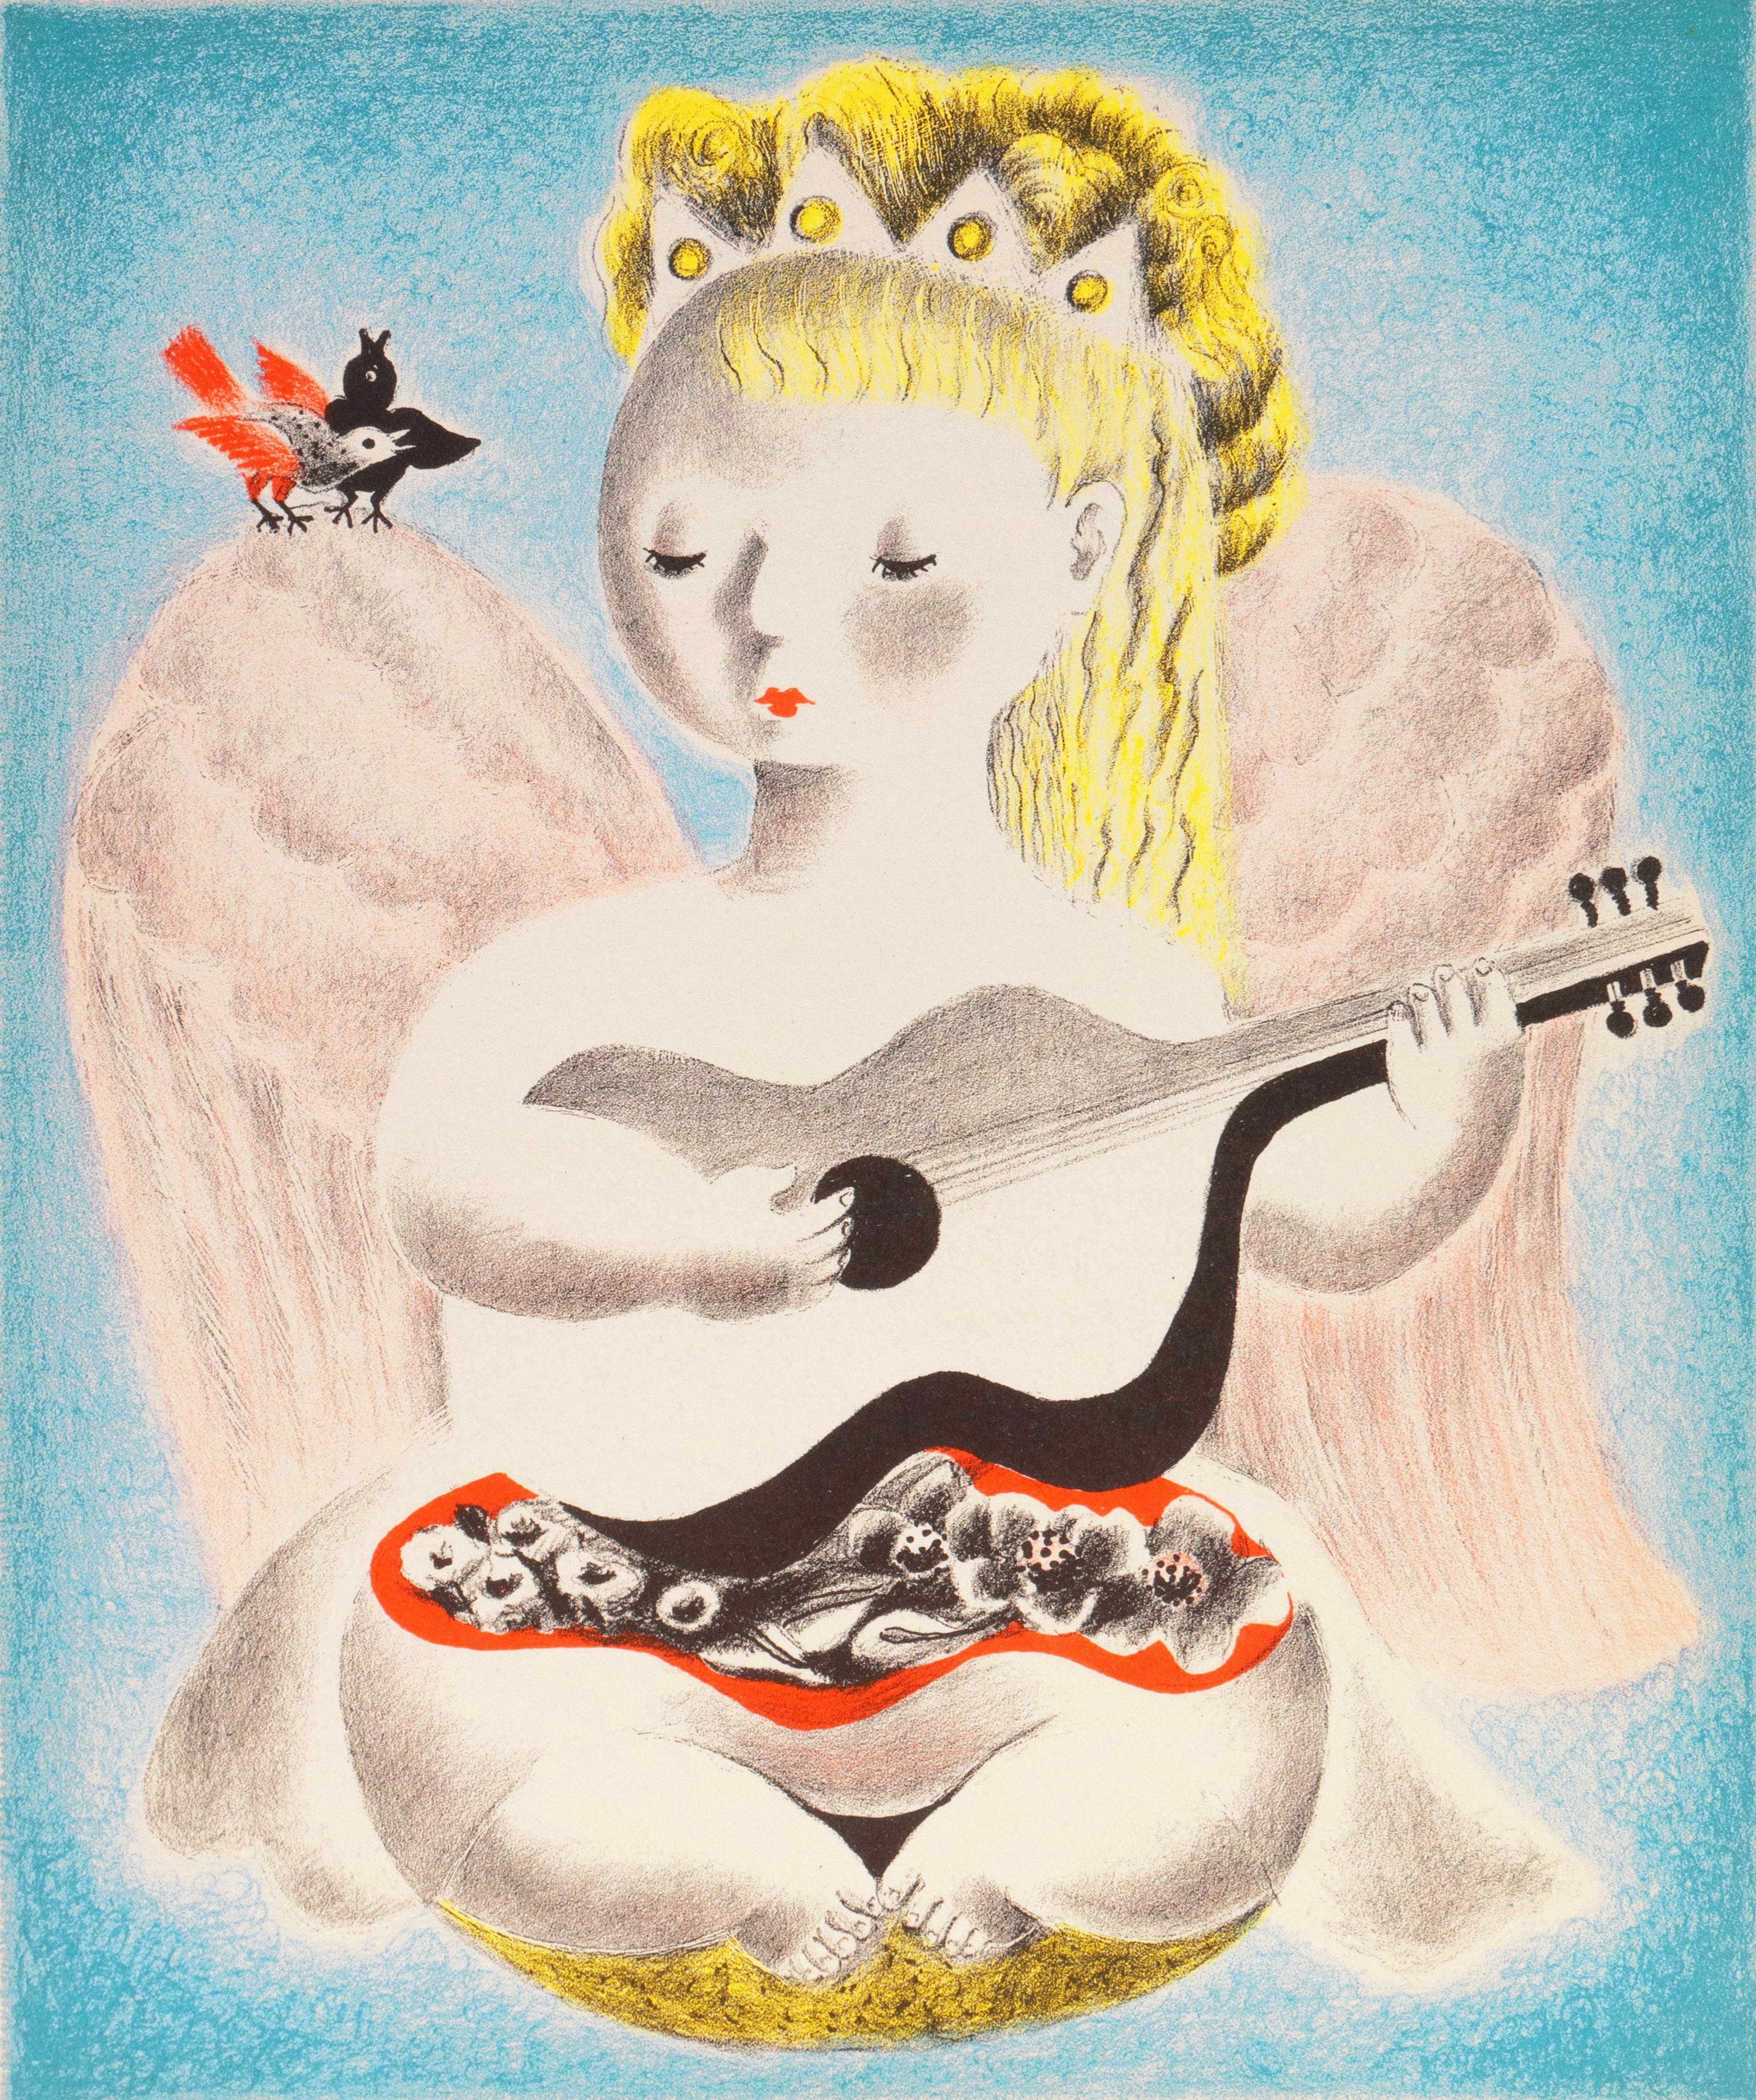 'Angel and Harmony', Art Deco Lithograph, Woman Artist, Salon d'Automne, Paris